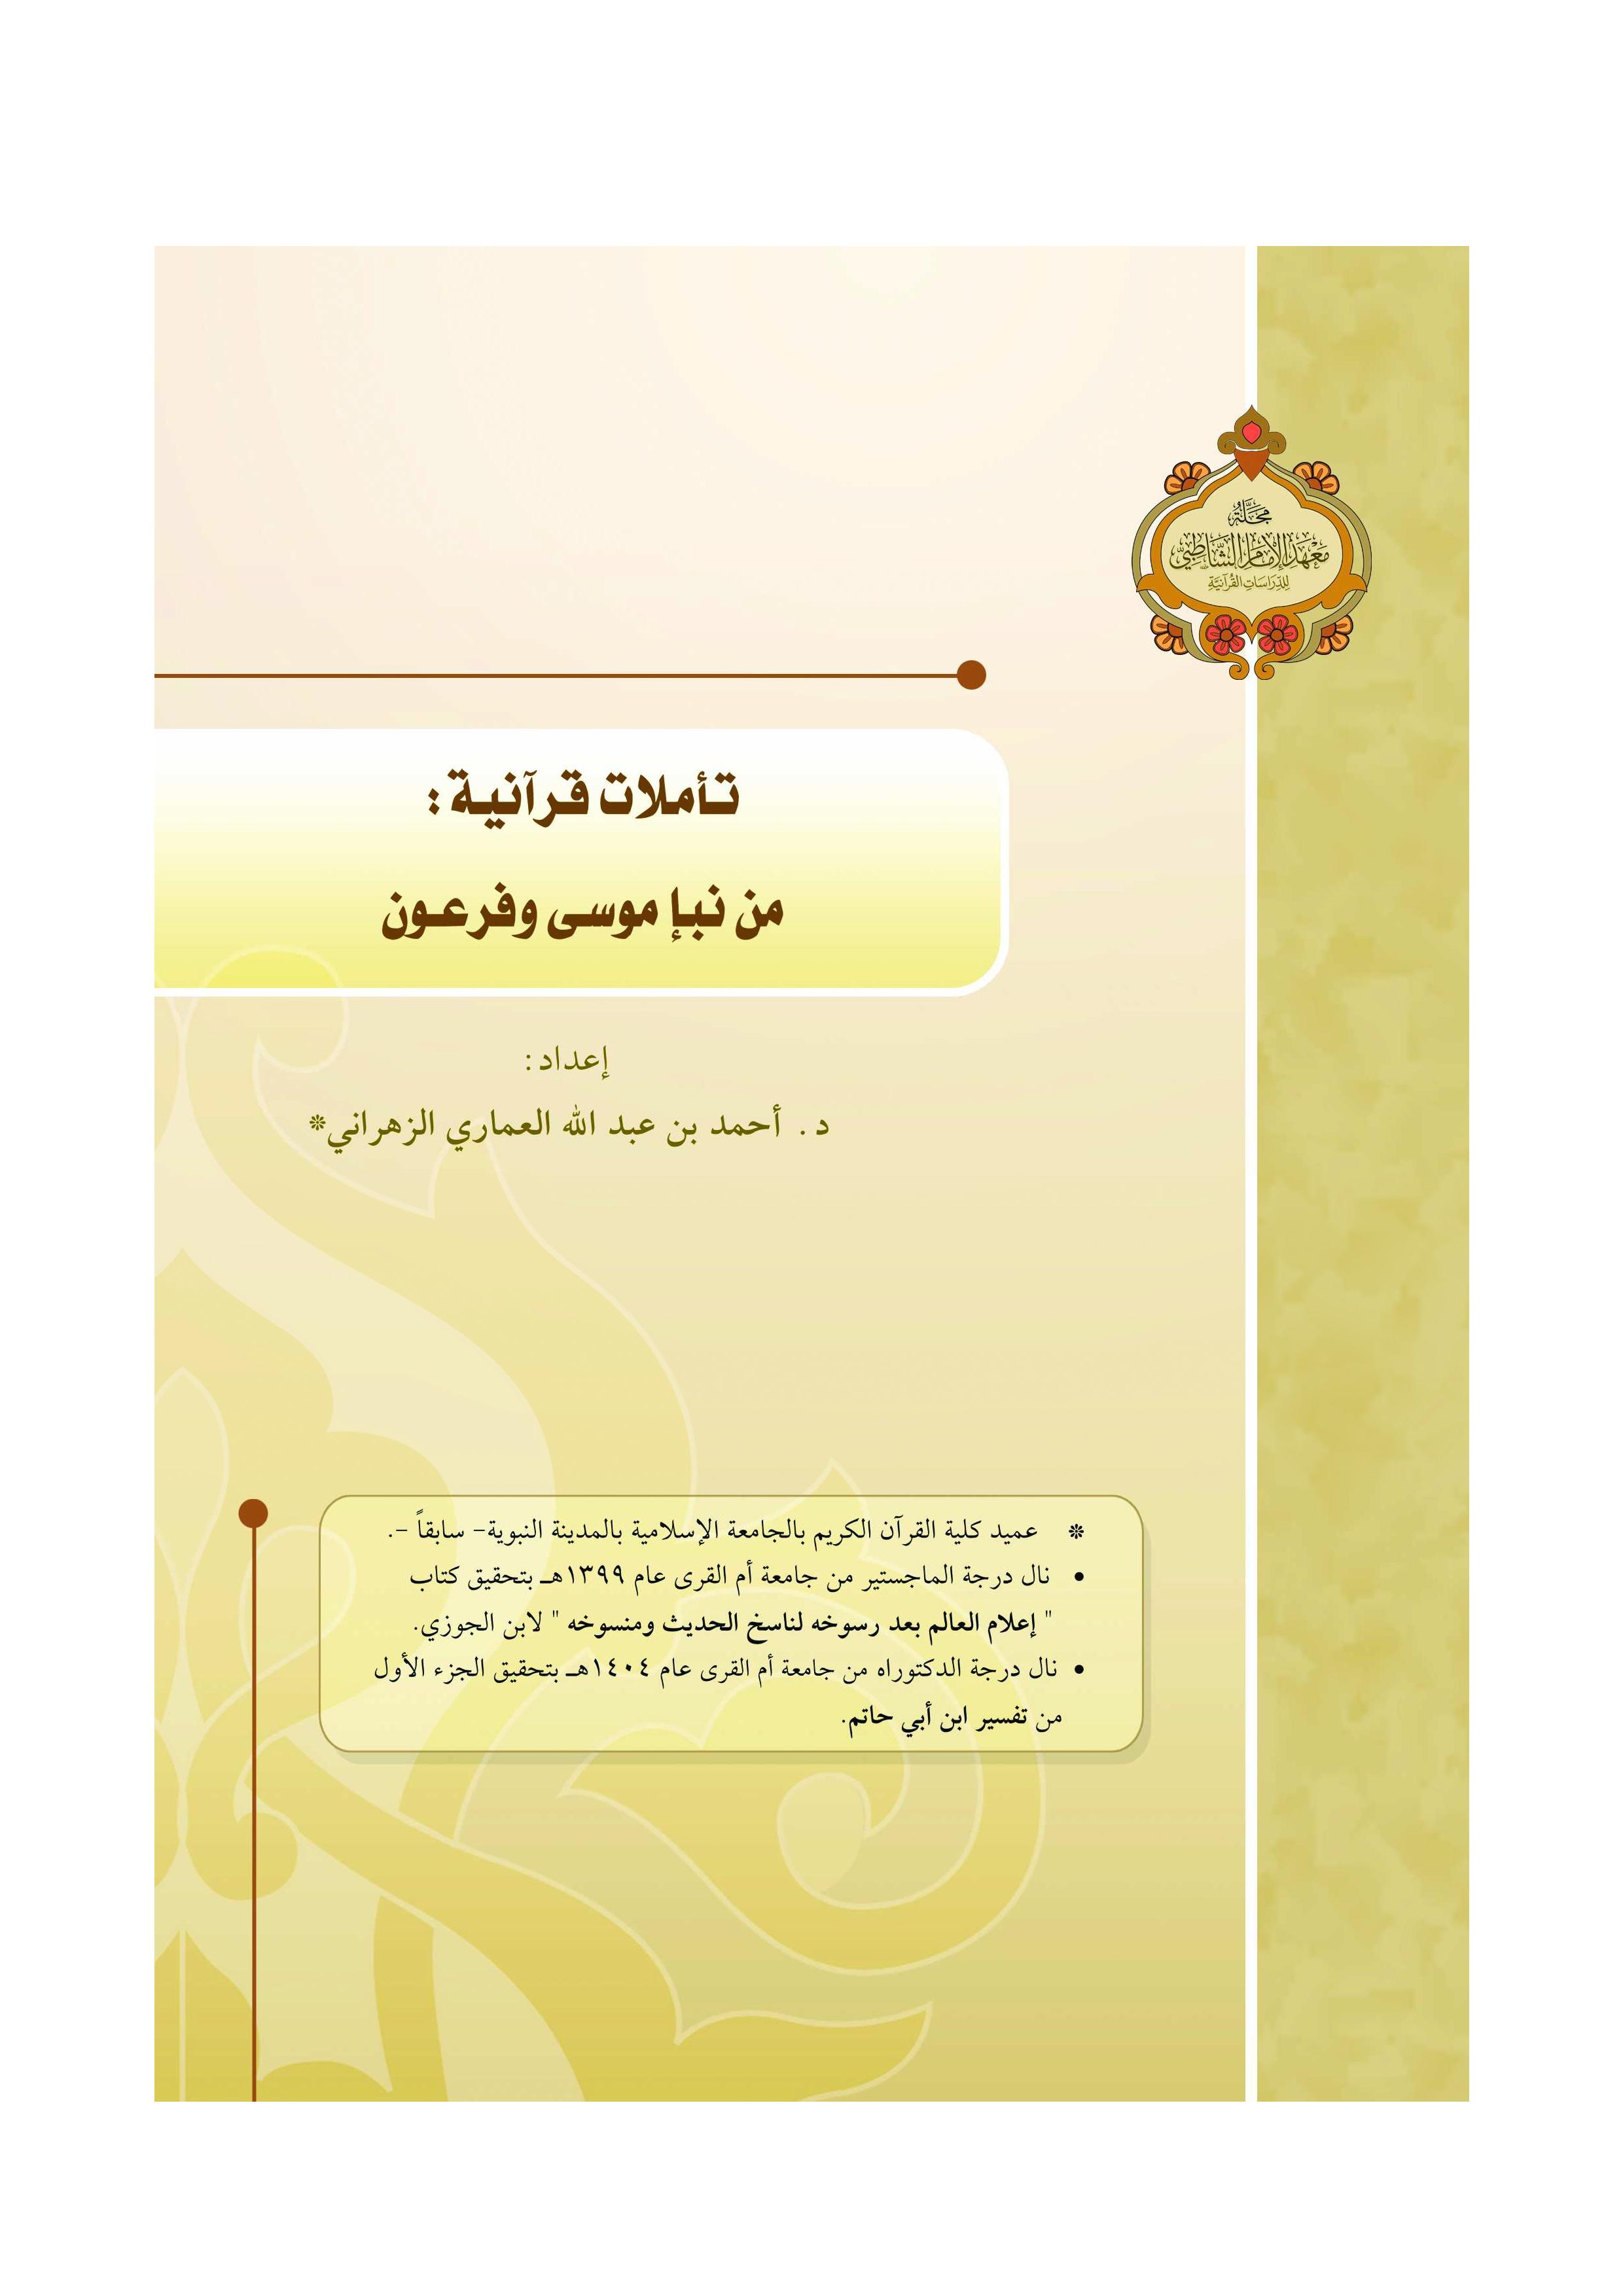 تحميل كتاب تأملات قرآنية: من نبأ موسى وفرعون لـِ: الدكتور أحمد بن عبد الله العماري الزهراني